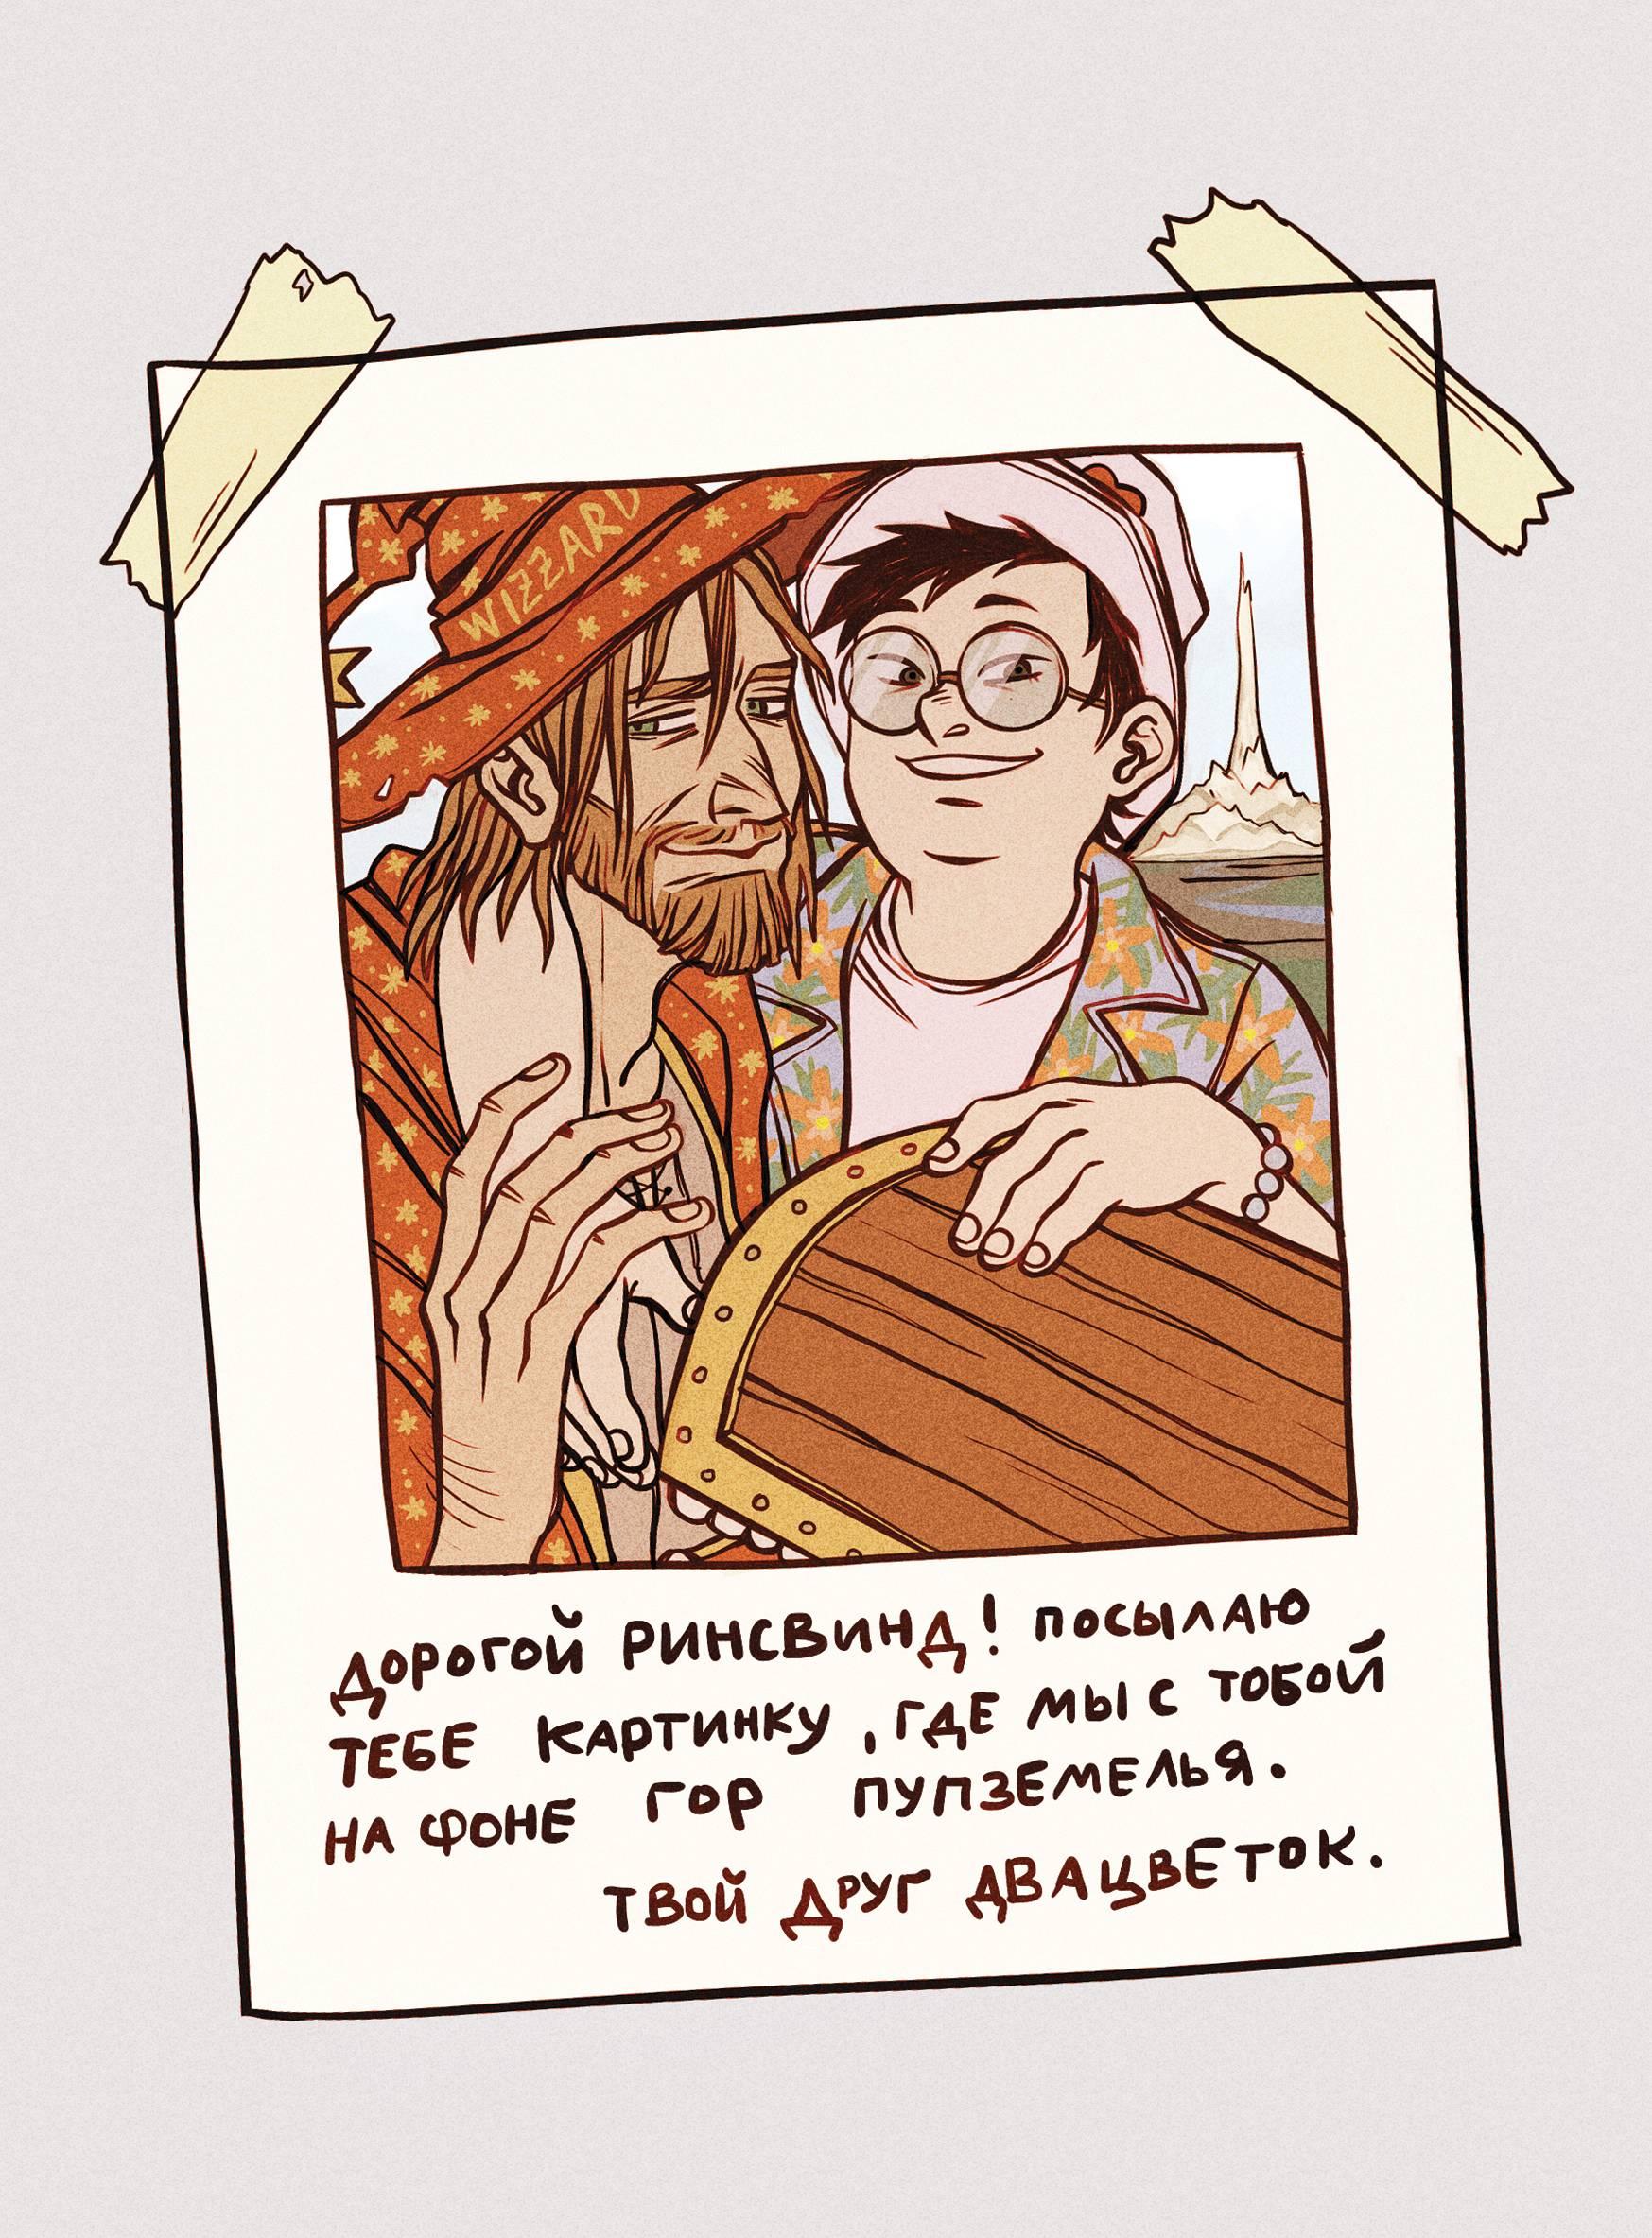 Арт: открытка Ринсвинду, газета Анк-Морпорка и другие прекрасные фан-иллюстрации к «Плоскому миру» Терри Пратчетта 4